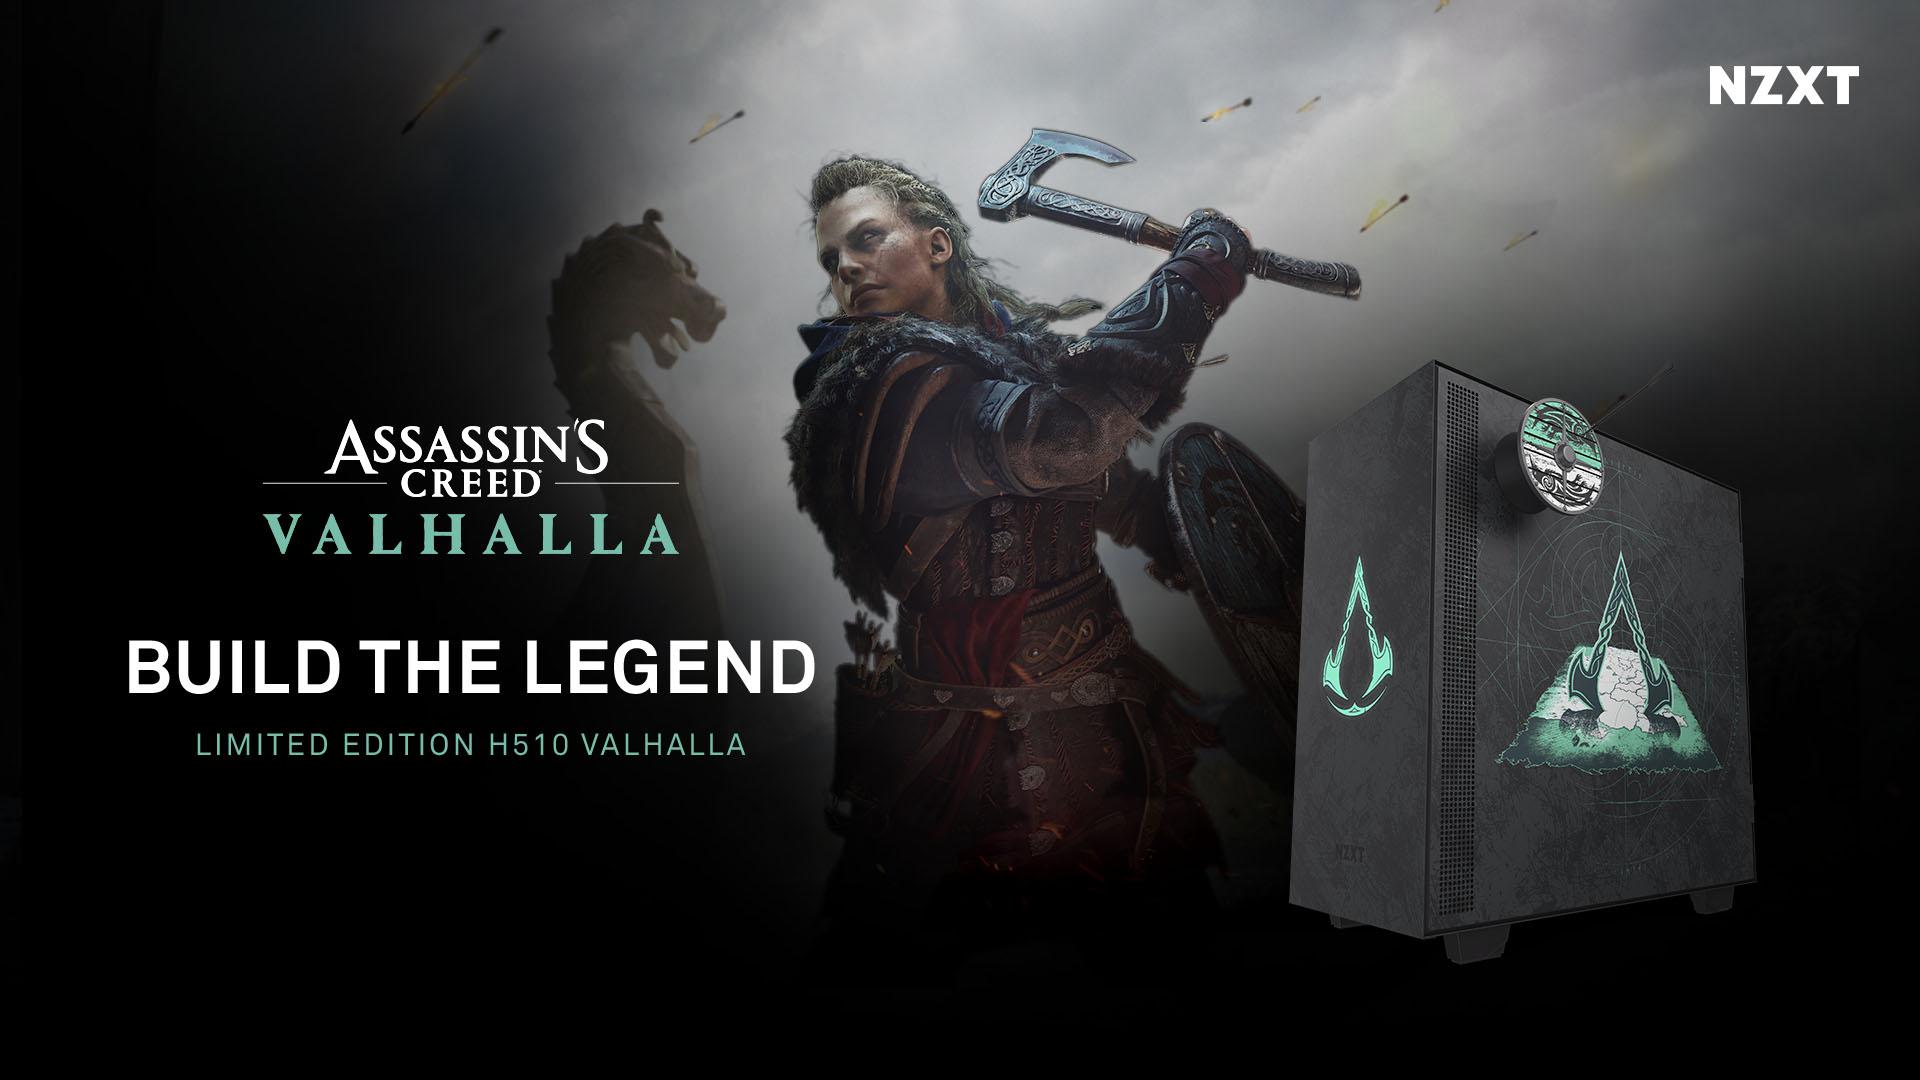 H510 Valhalla